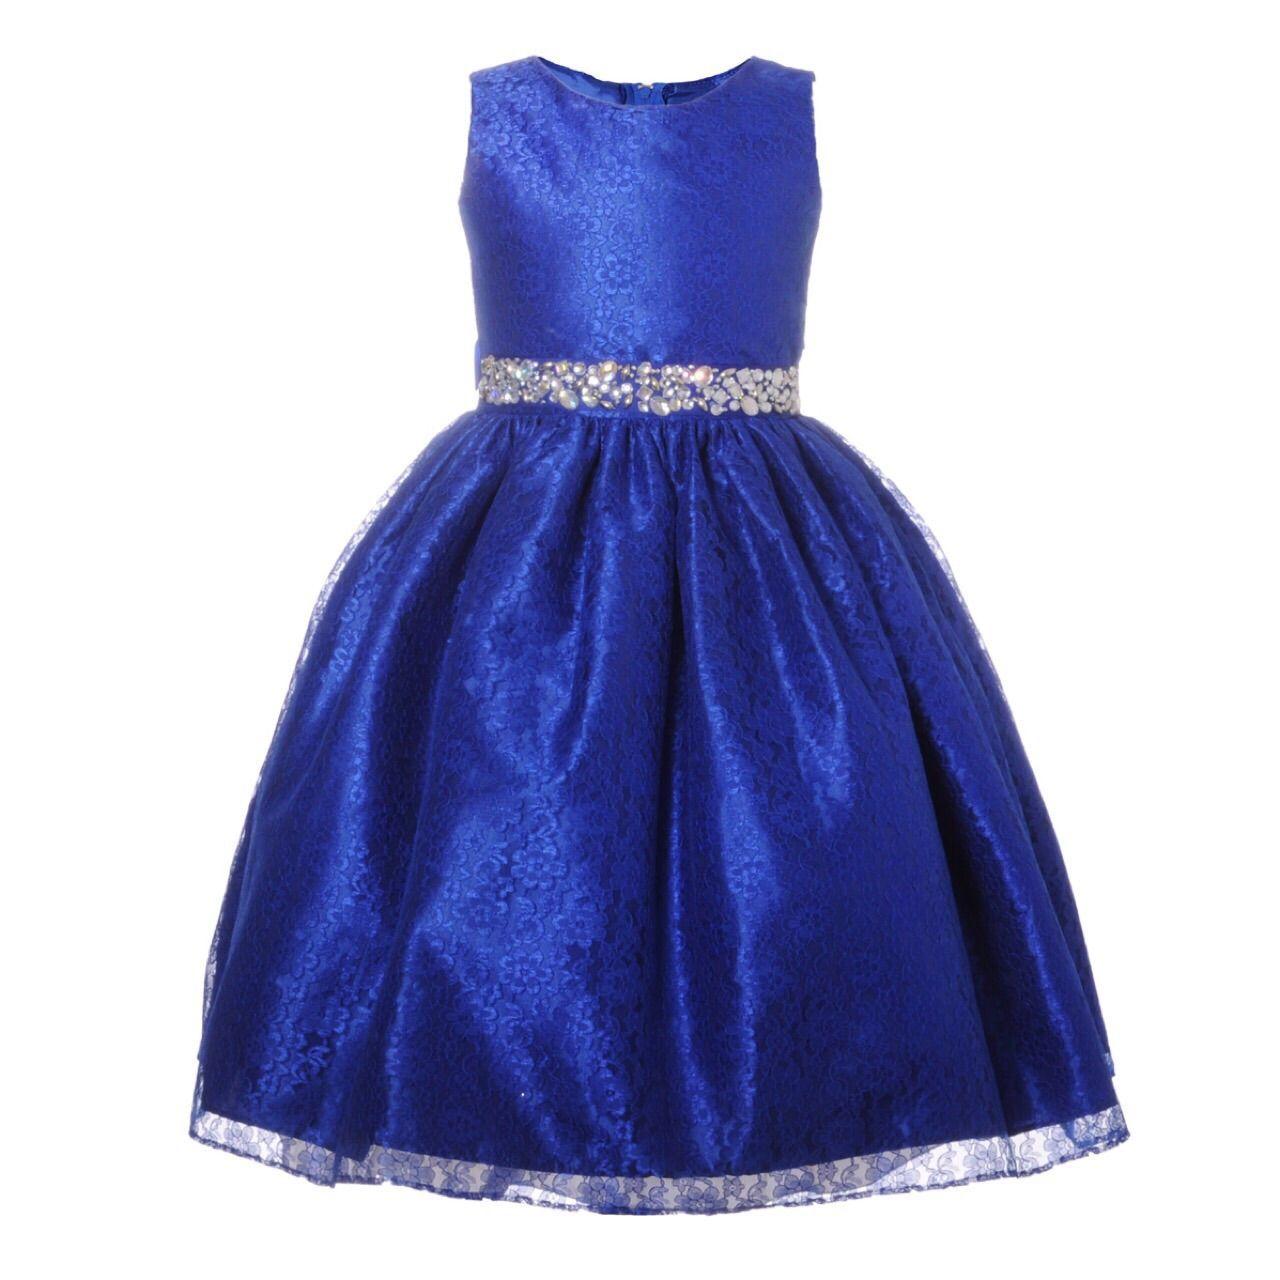 Lace dress in black august 2019 Barbieus Apparel Style bst royal blue  Lace dresses  Pinterest